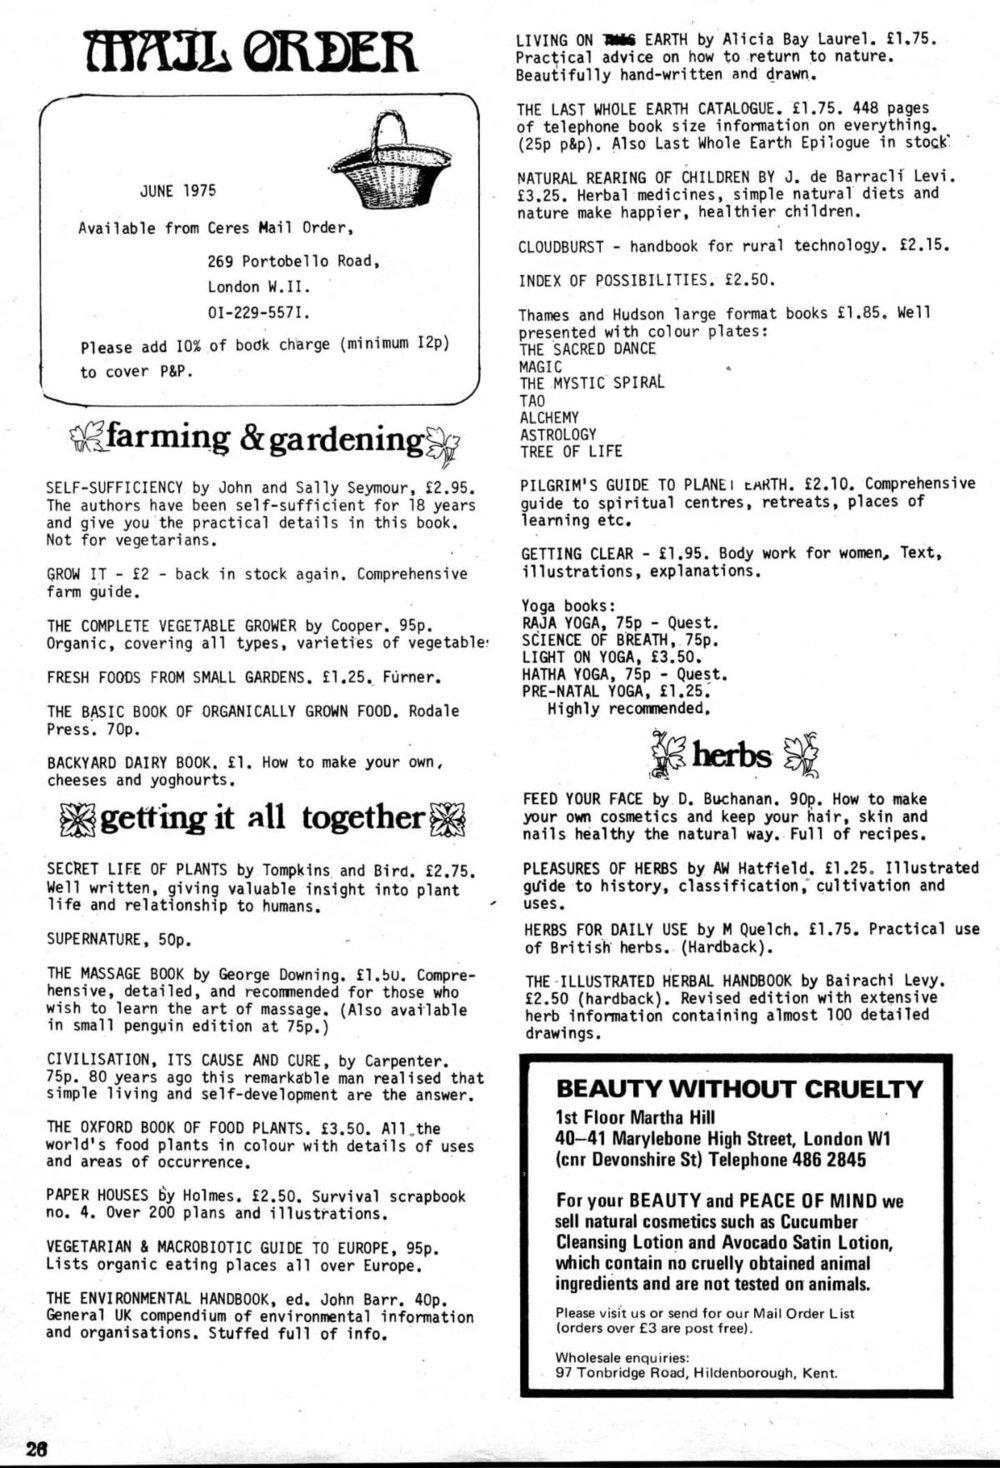 seed-v4-n8-aug1975-26.jpg